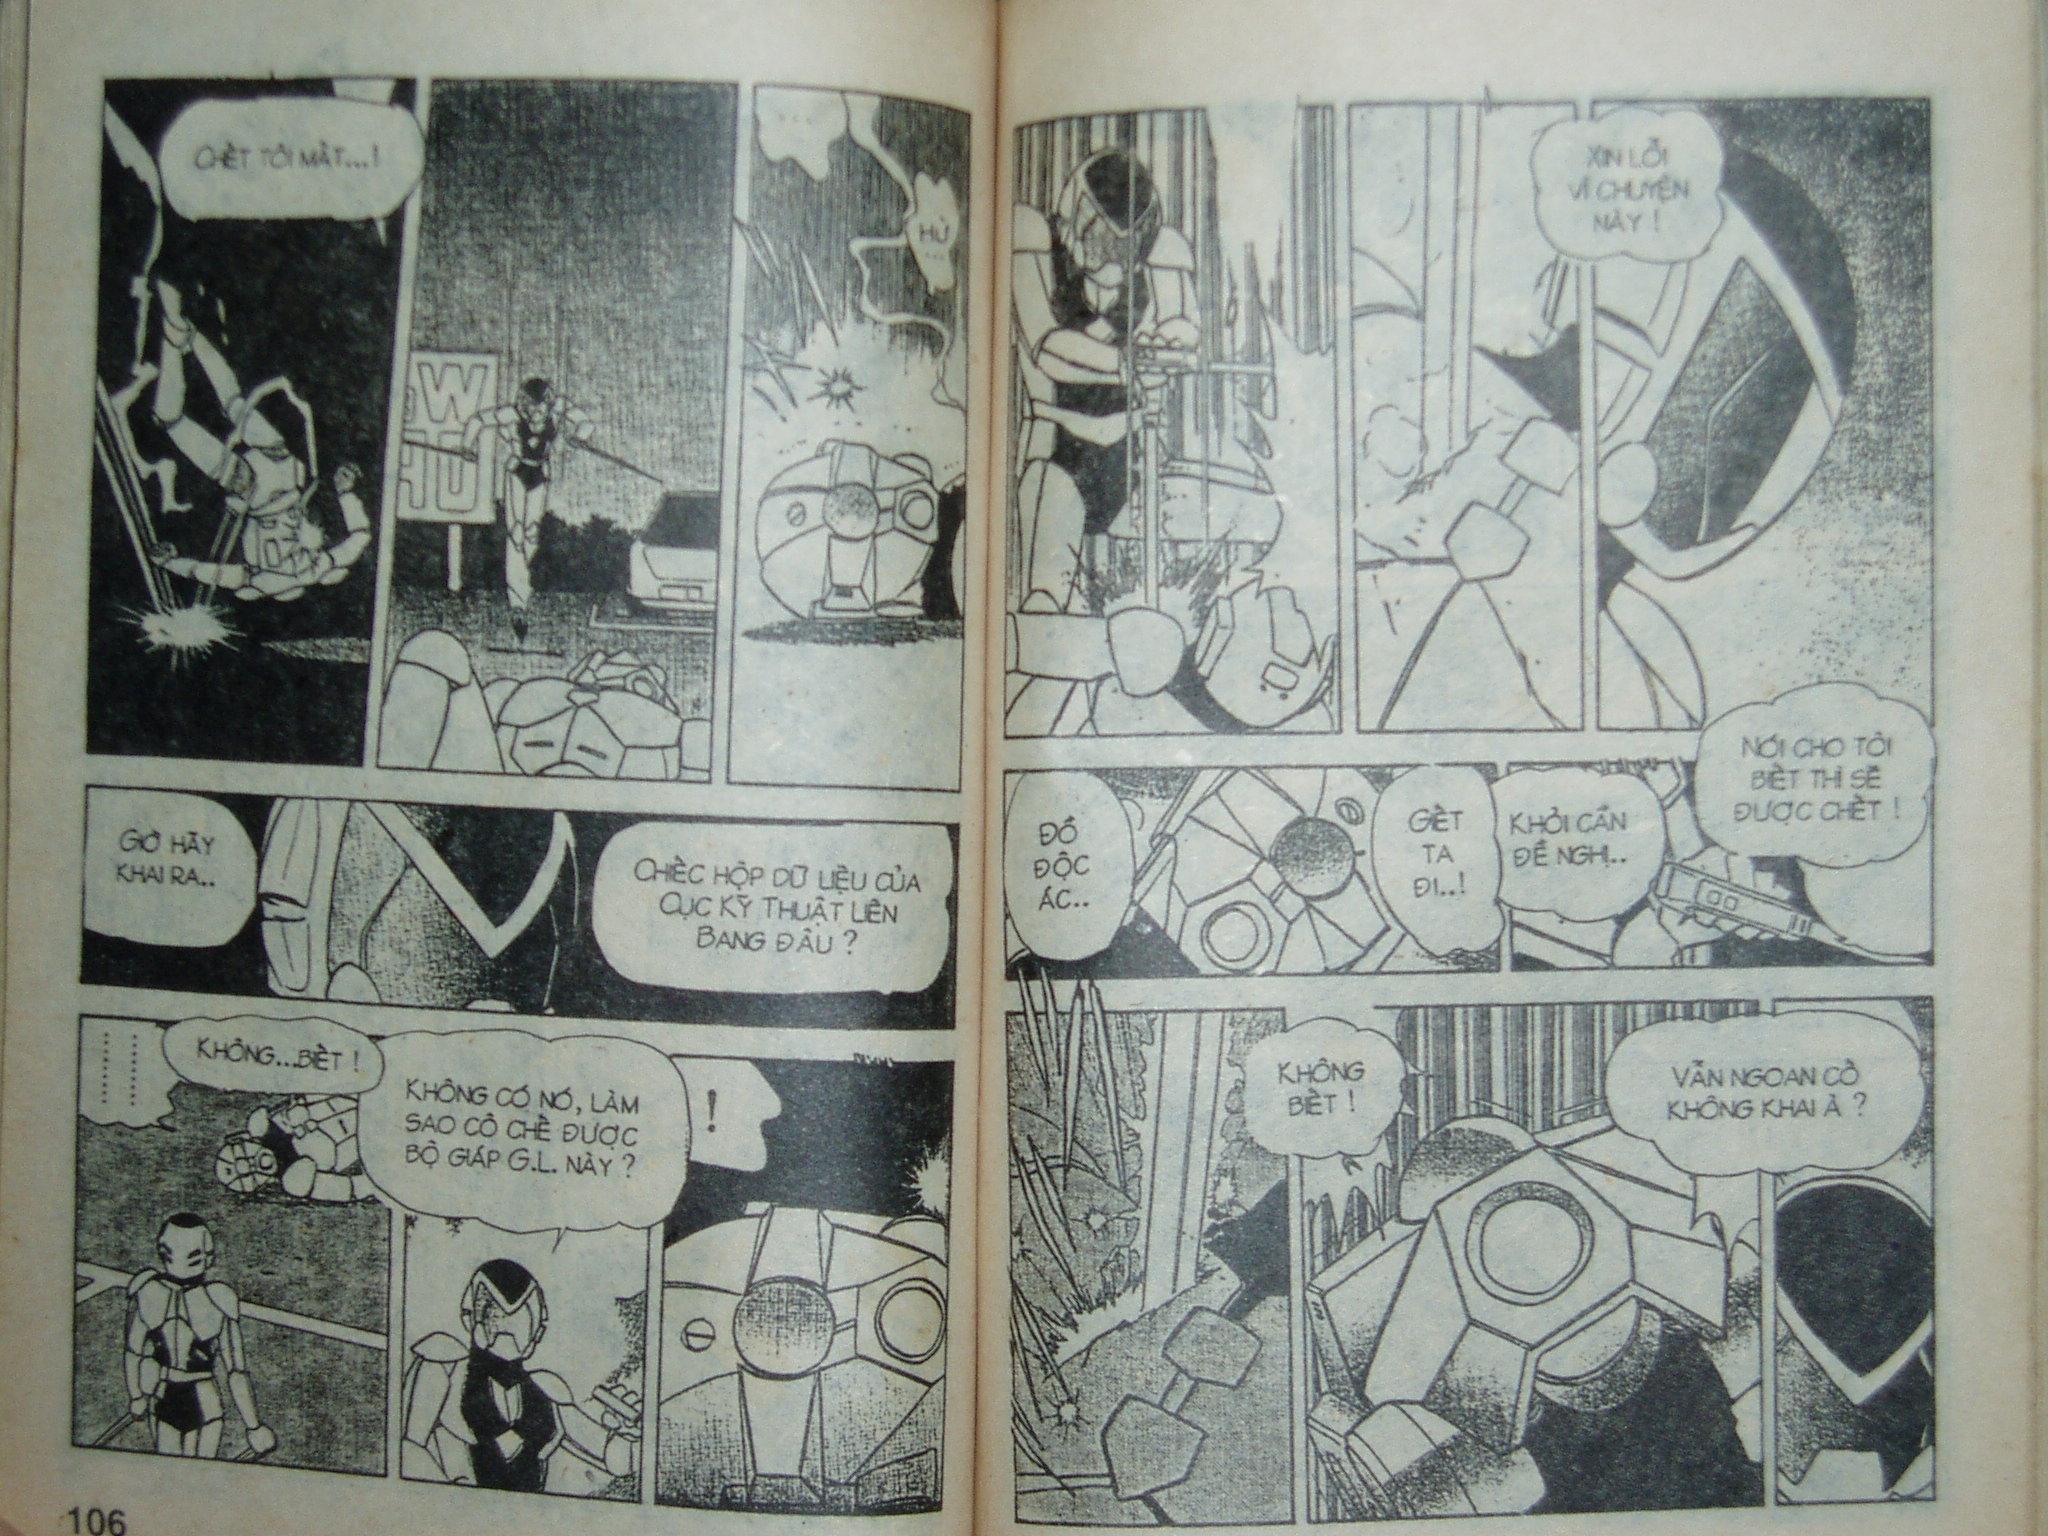 Siêu nhân Locke vol 16 trang 52